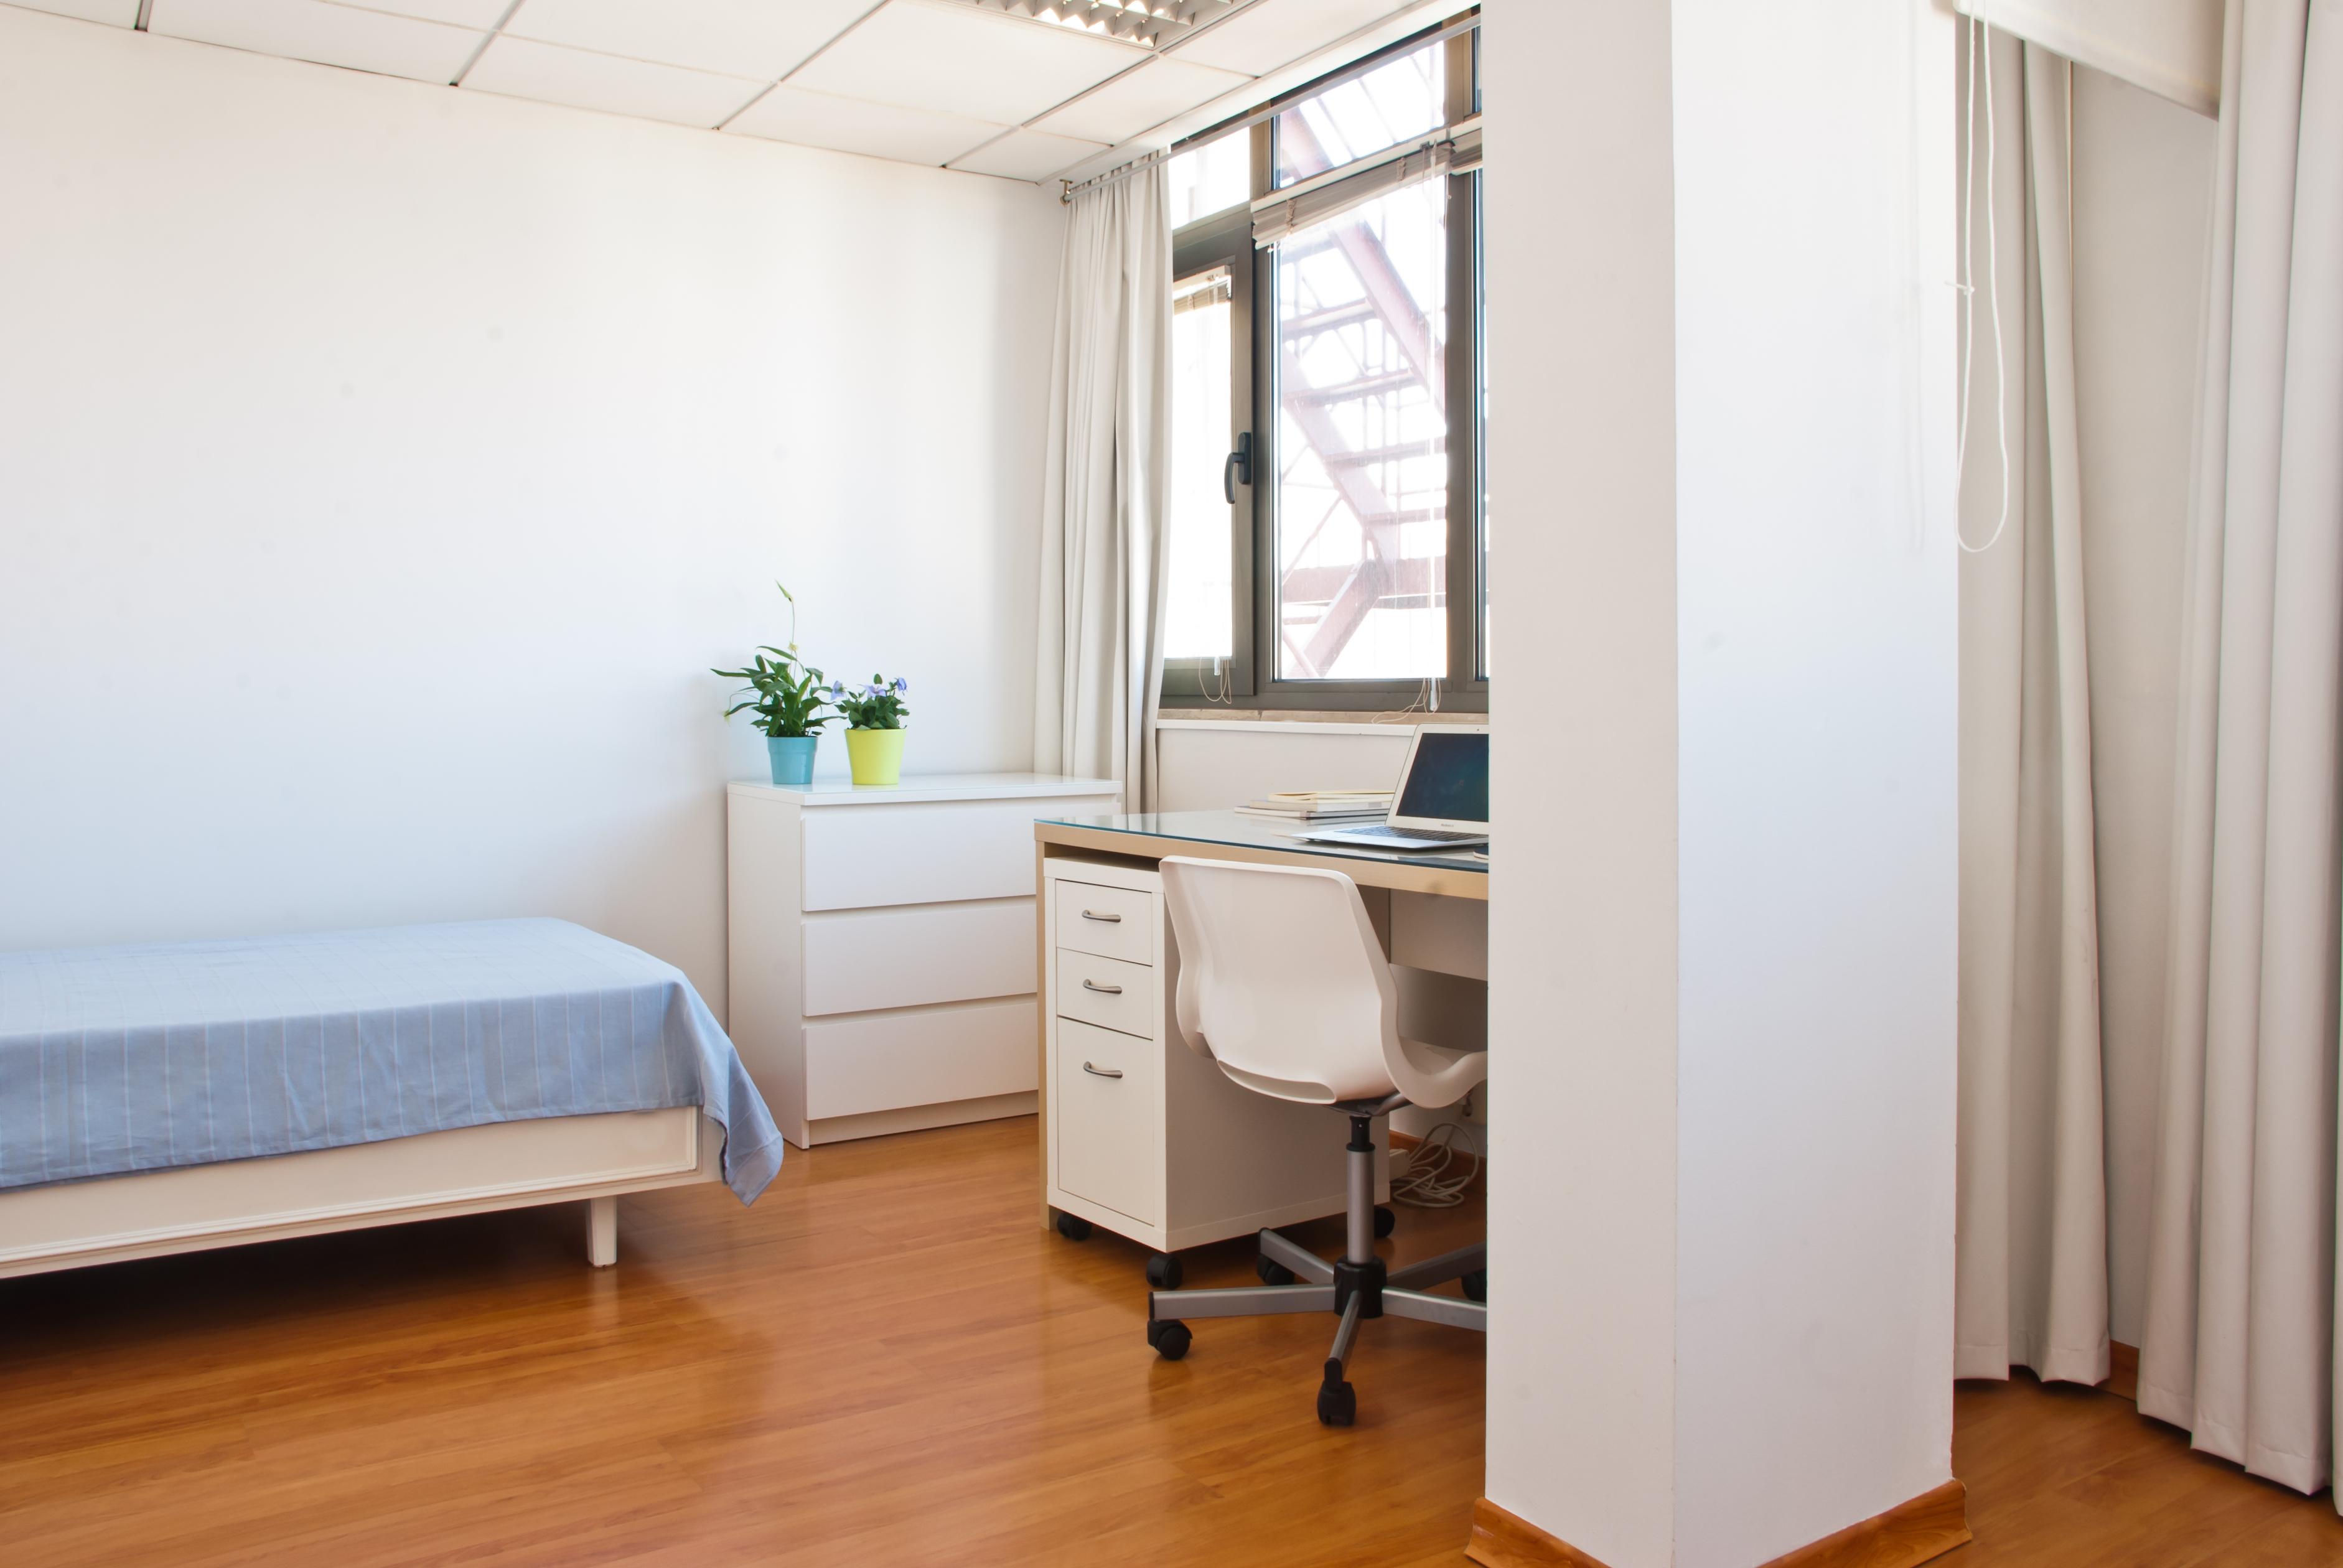 AR_-_Quarto.Room_nº9_-_Foto_5.jpg